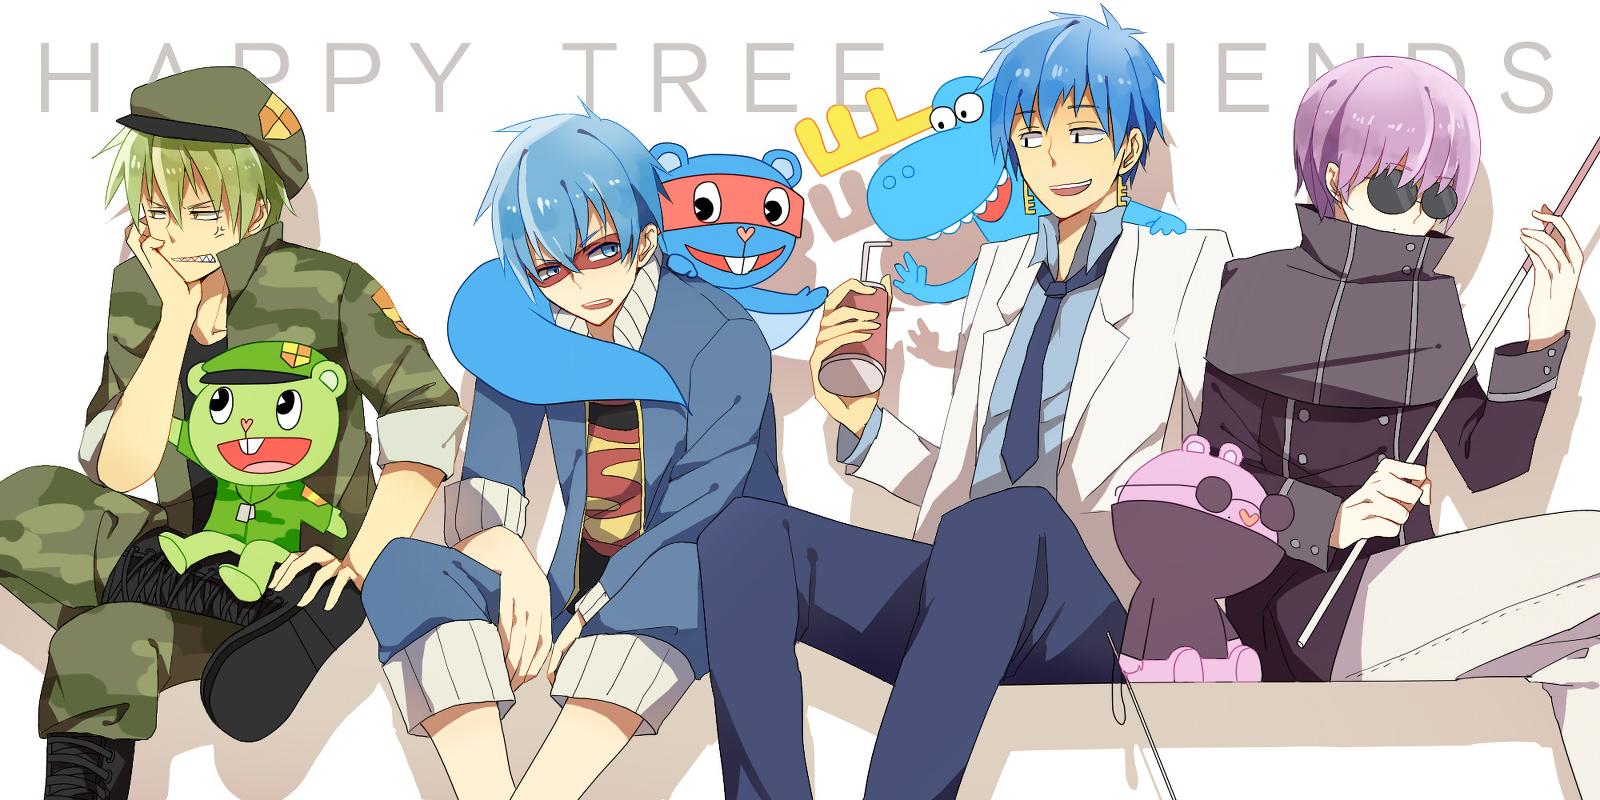 Happy Tree Friends/#1766127 - Zerochan